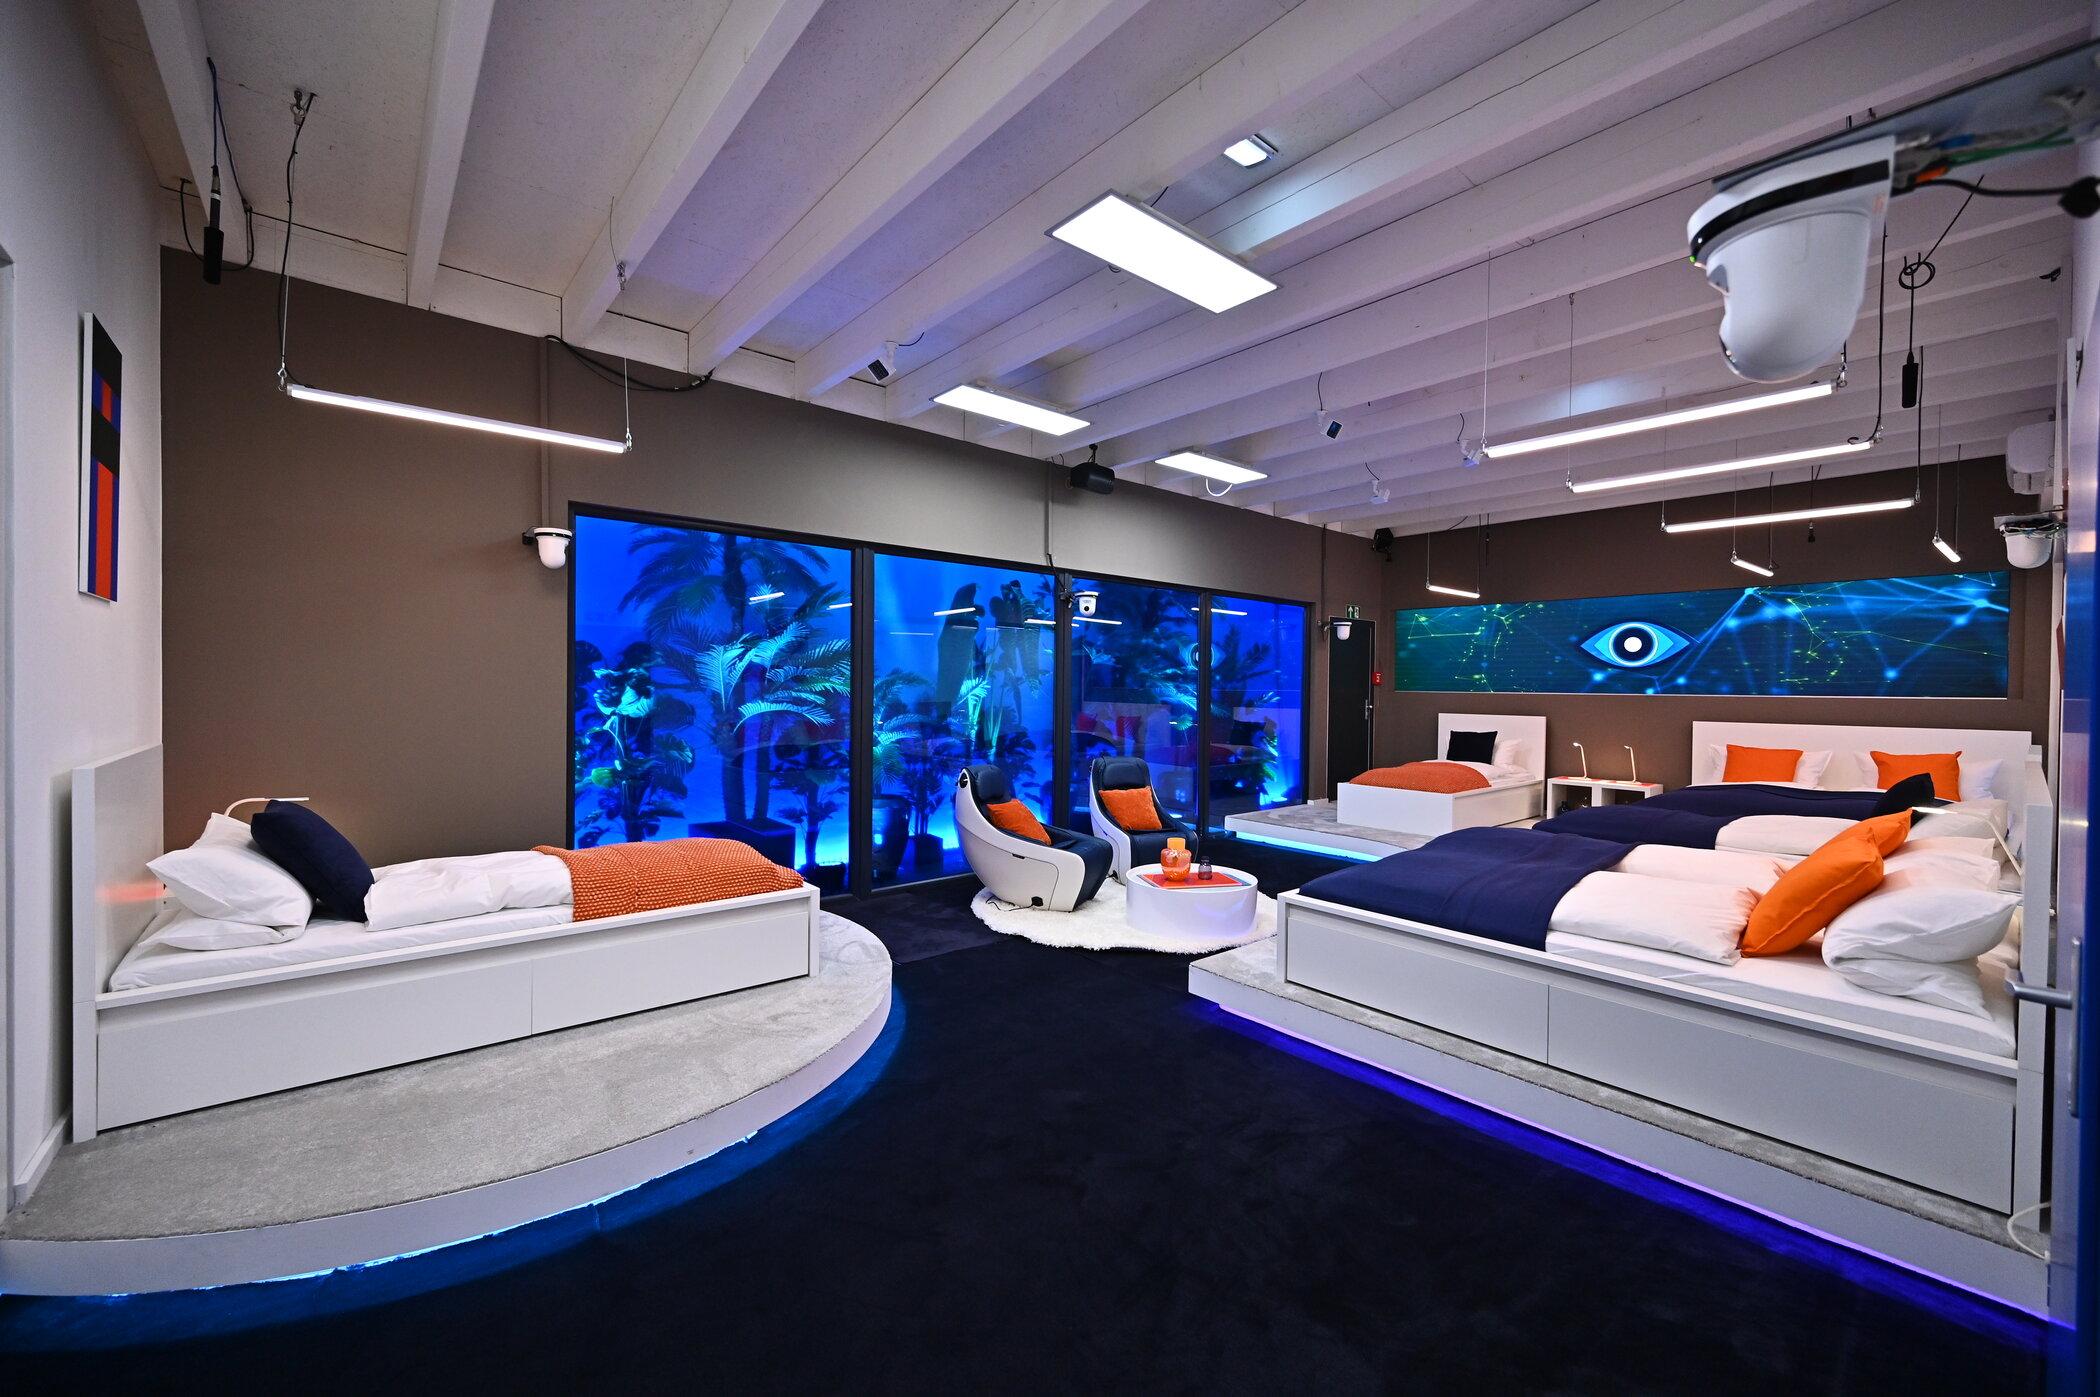 Futuristisches Glashaus oder digitaler Detox im Blockhaus? Wo wohnt es sich besser und welche Wirkung hat das entsprechende Umfeld auf einen Menschen?